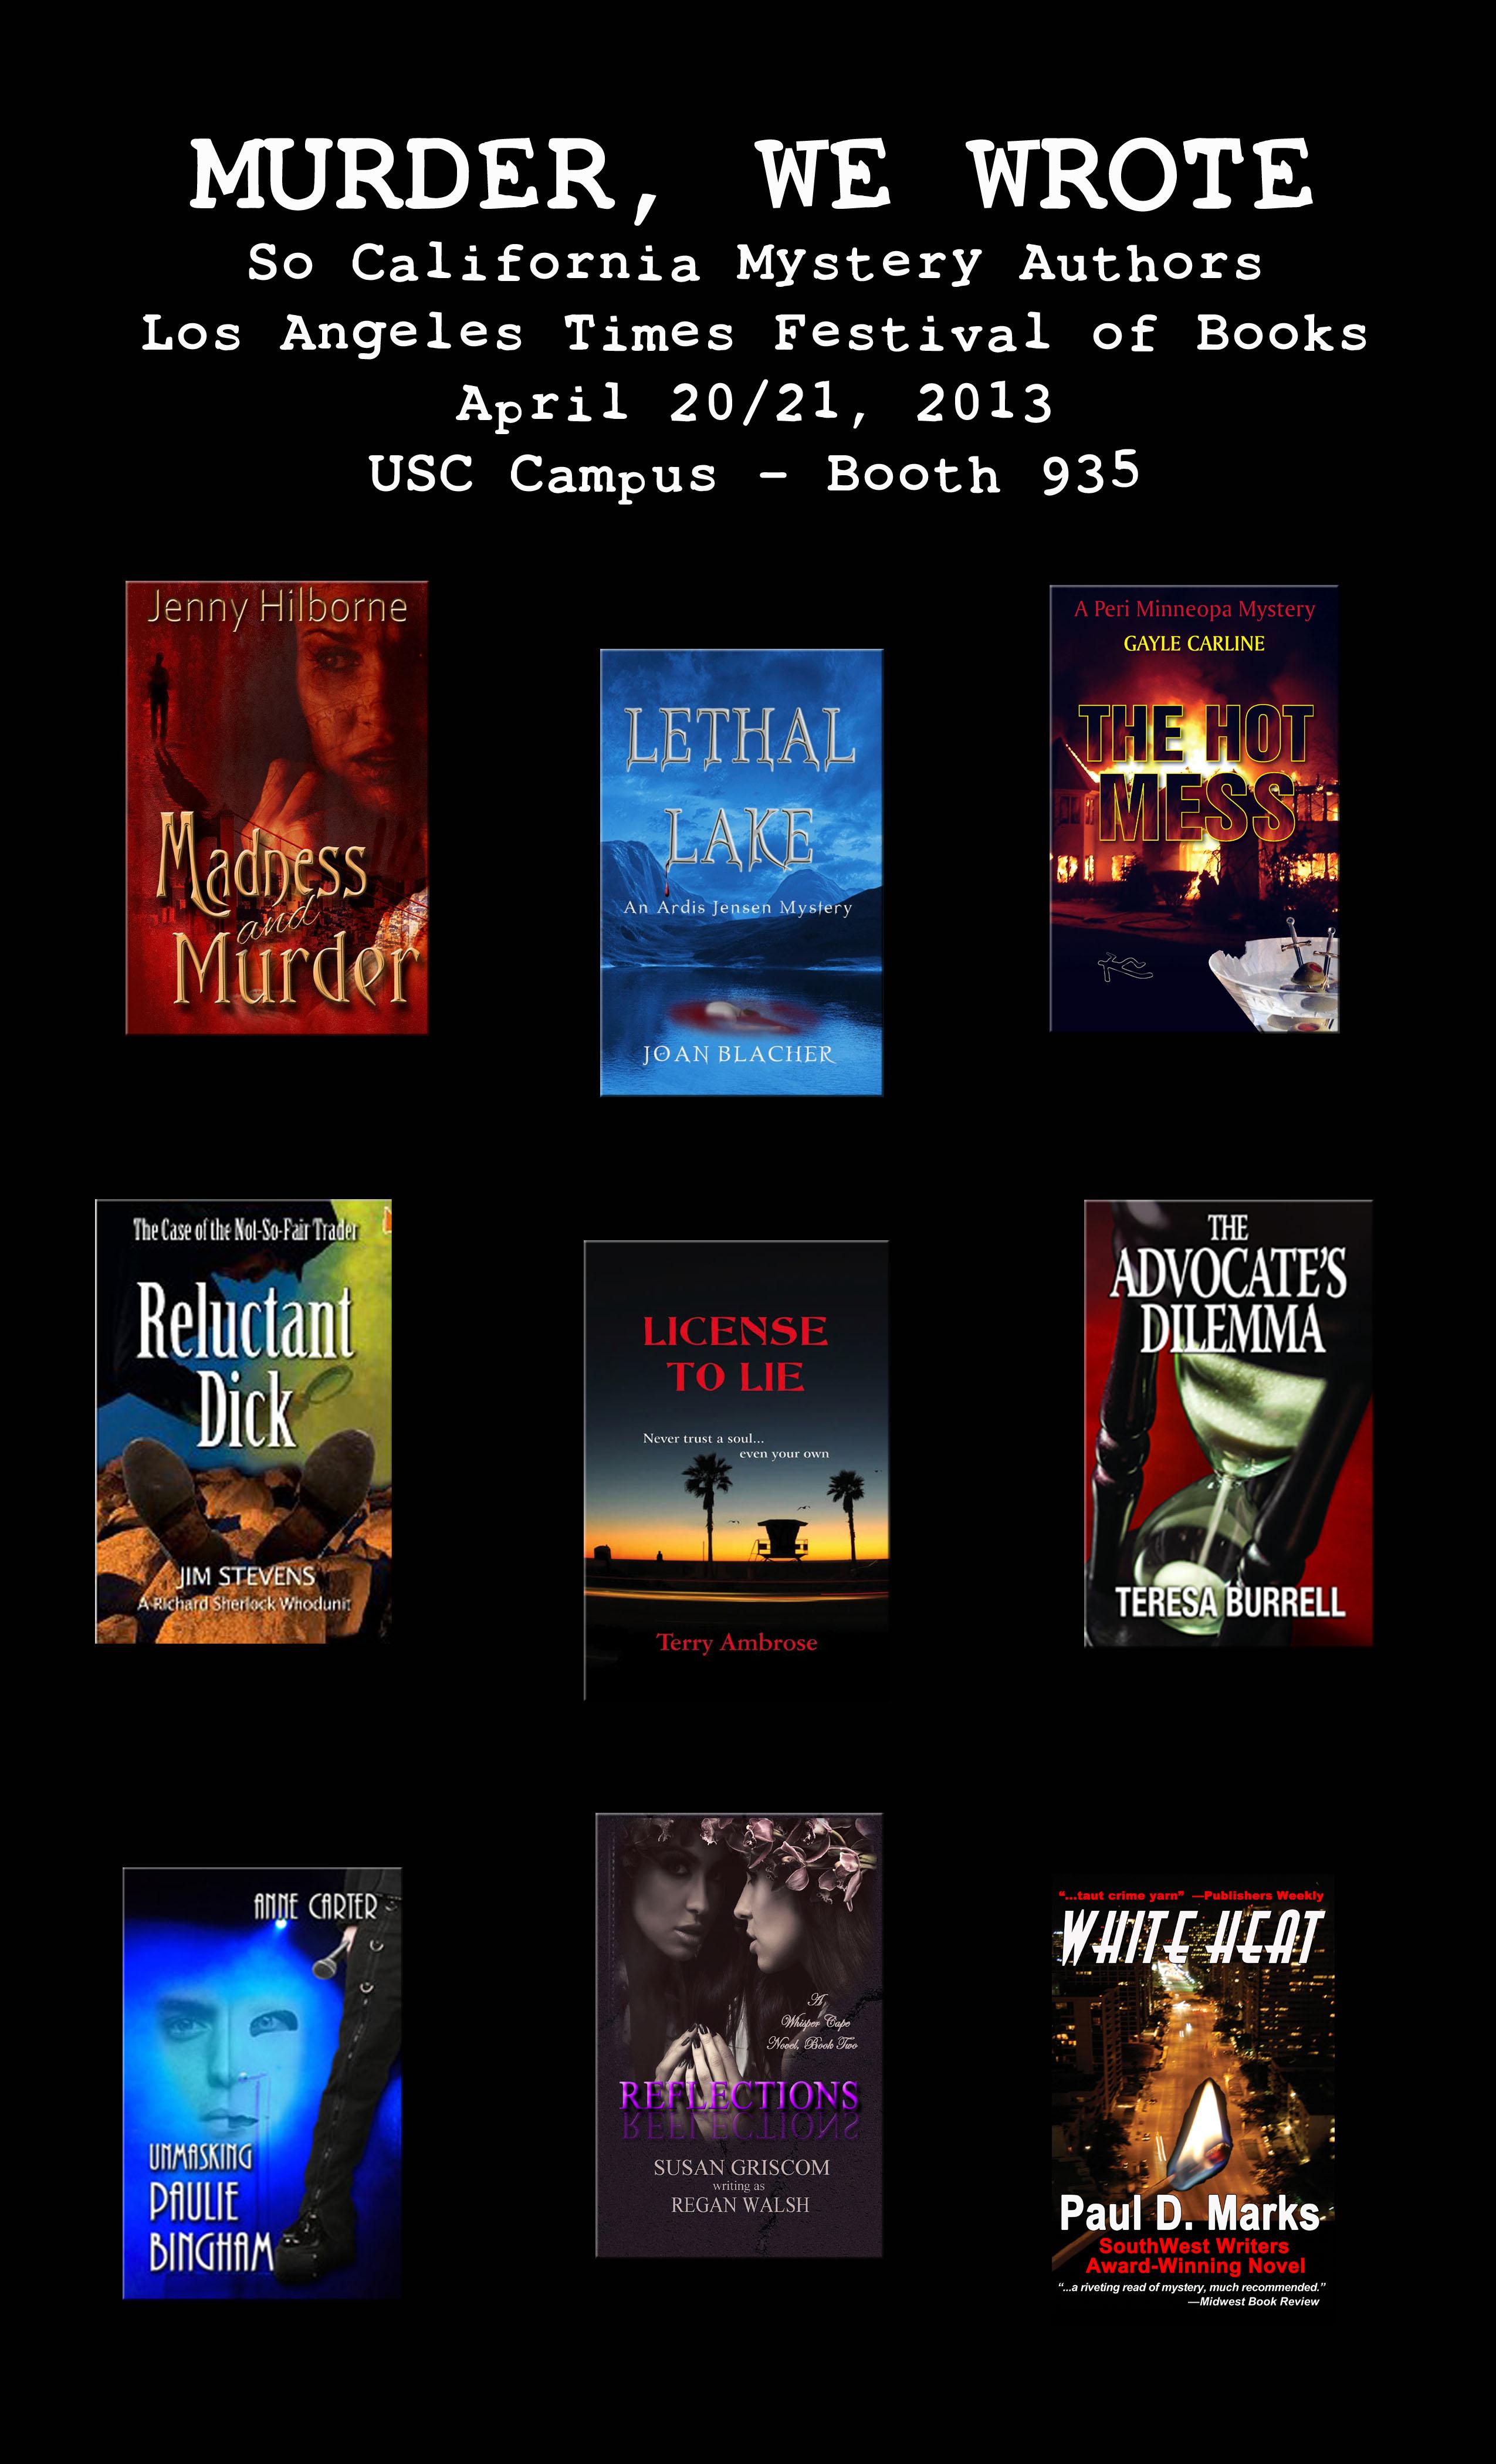 murderwewrote-2013-a copy